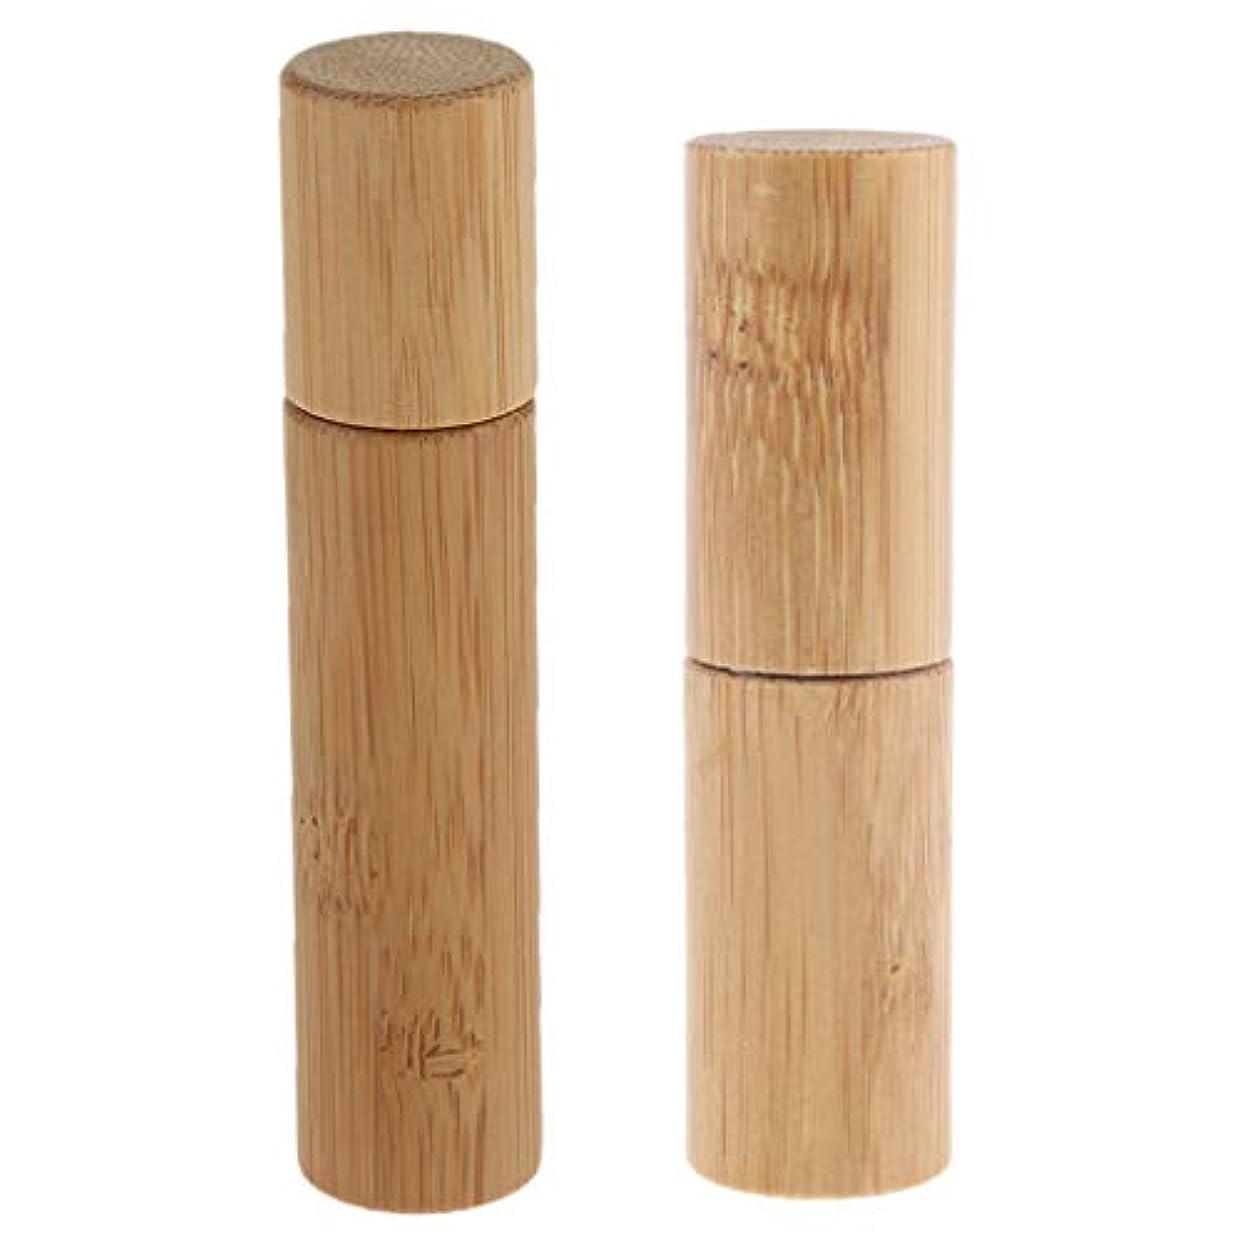 過言バングラデシュ花火CUTICATE ロールオンボトル 天然竹 詰替え 精油 香水 液体 保存容器 小分け用 旅行 10ml+5ml 2個入